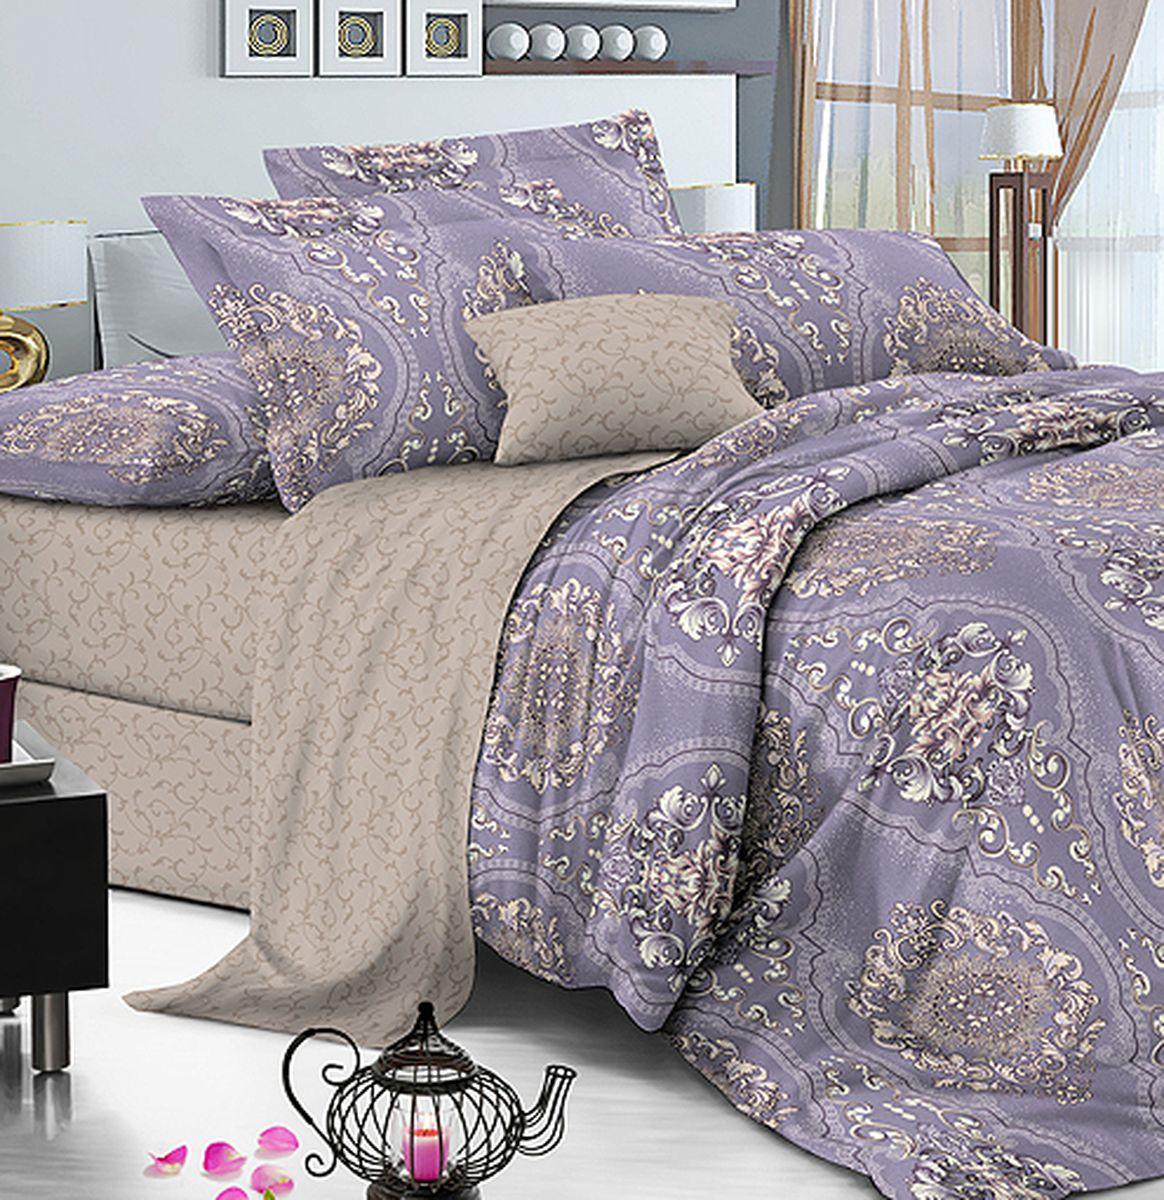 Комплект белья Amore Mio Gold Violetta, 7594, бежевый, фиолетовый, семейный, наволочки 50x70 комплект белья amore mio gold violetta 7577 бежевый фиолетовый евро наволочки 70x70